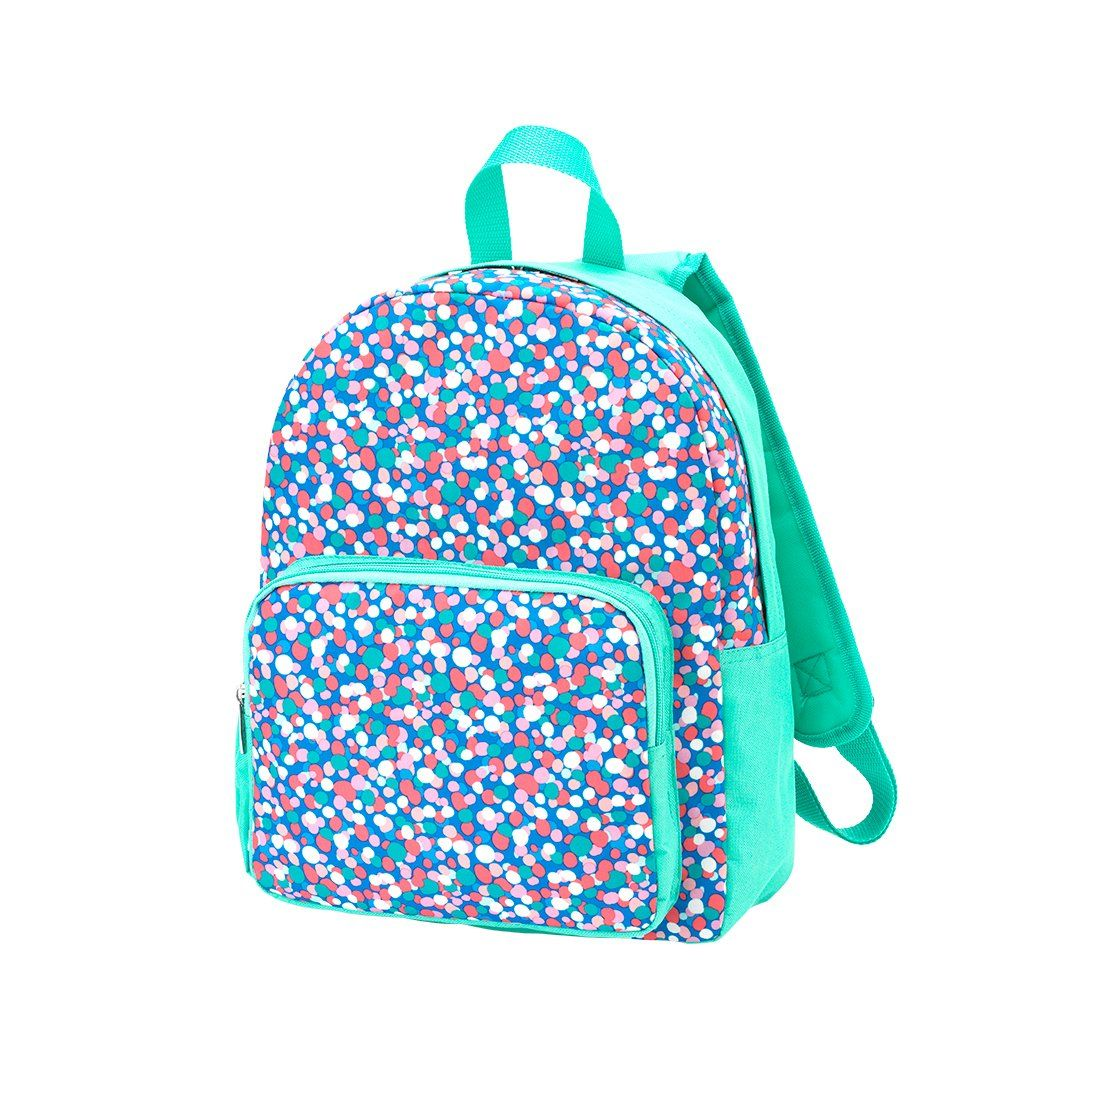 b2a9694248e1 Personalized Preschool Backpacks- Fenix Toulouse Handball